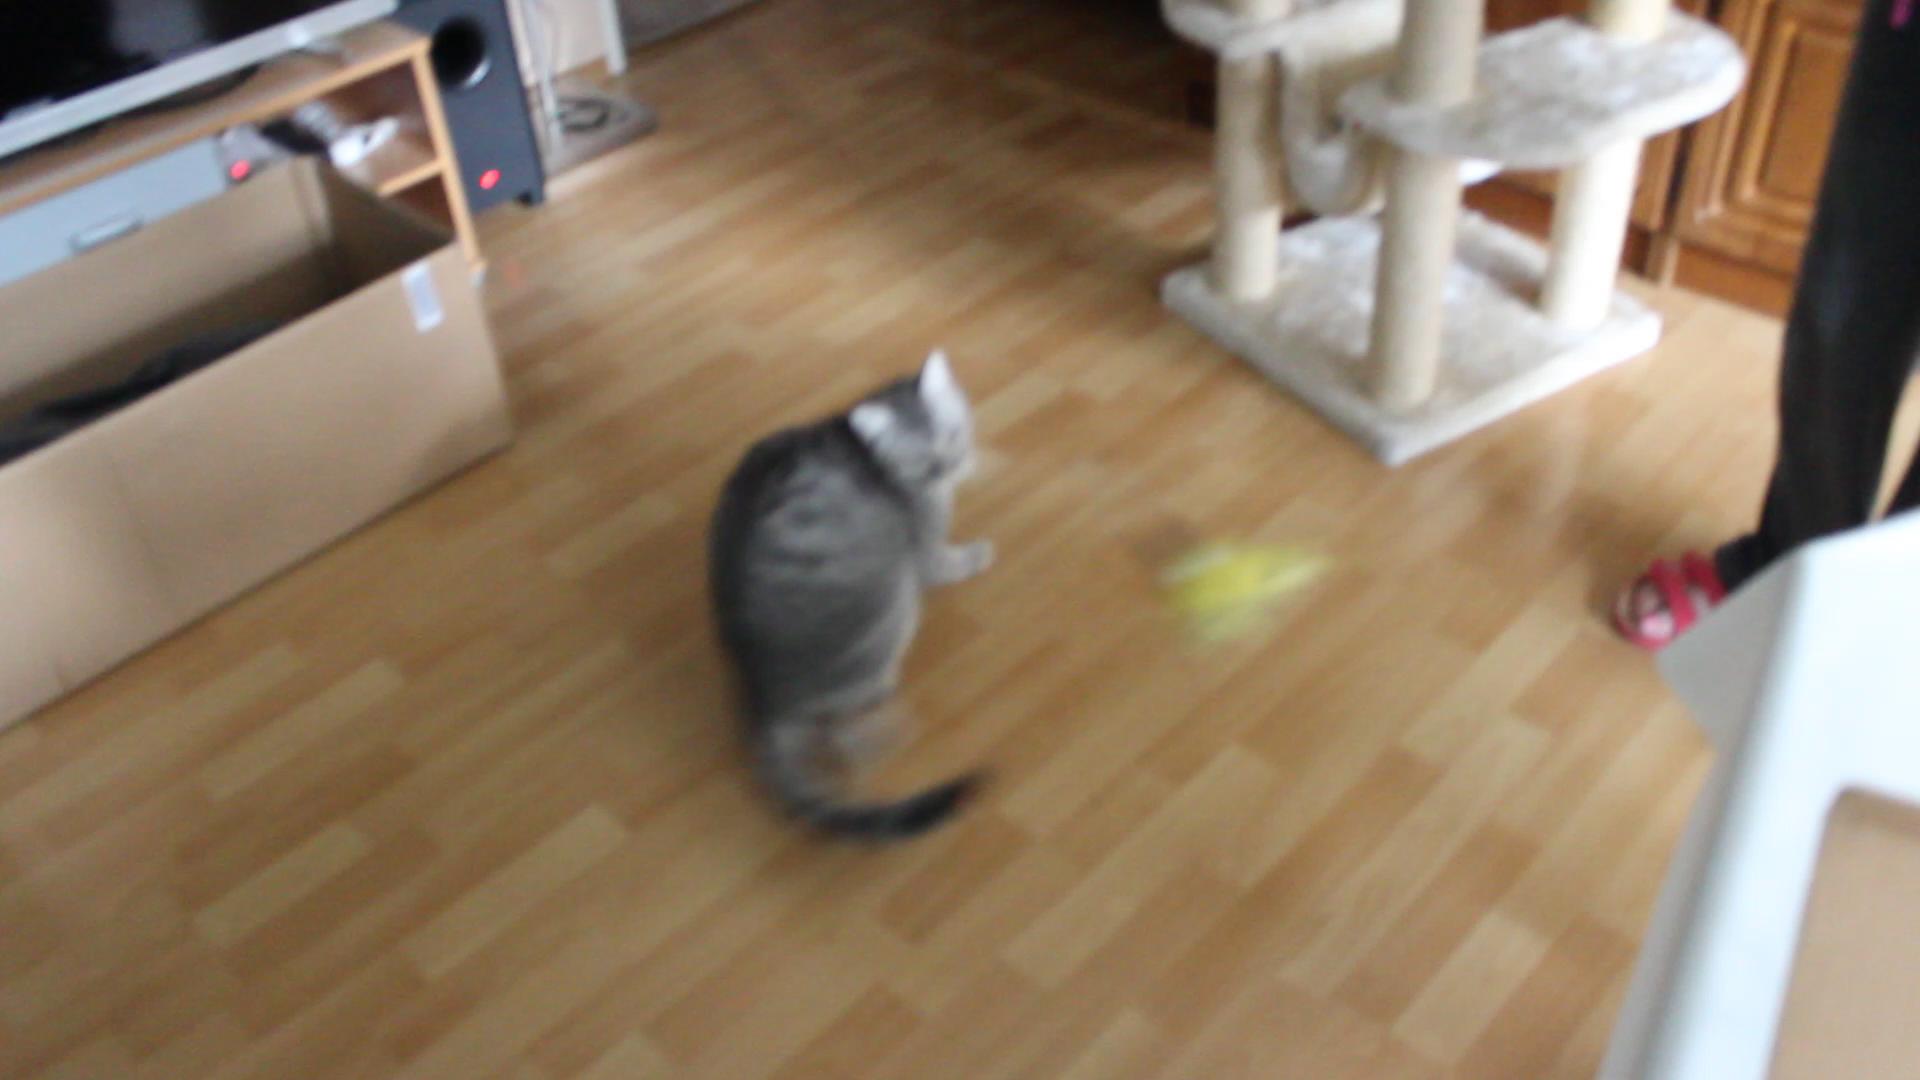 Beste Katze 5 Drahtstärke Bilder - Die Besten Elektrischen ...